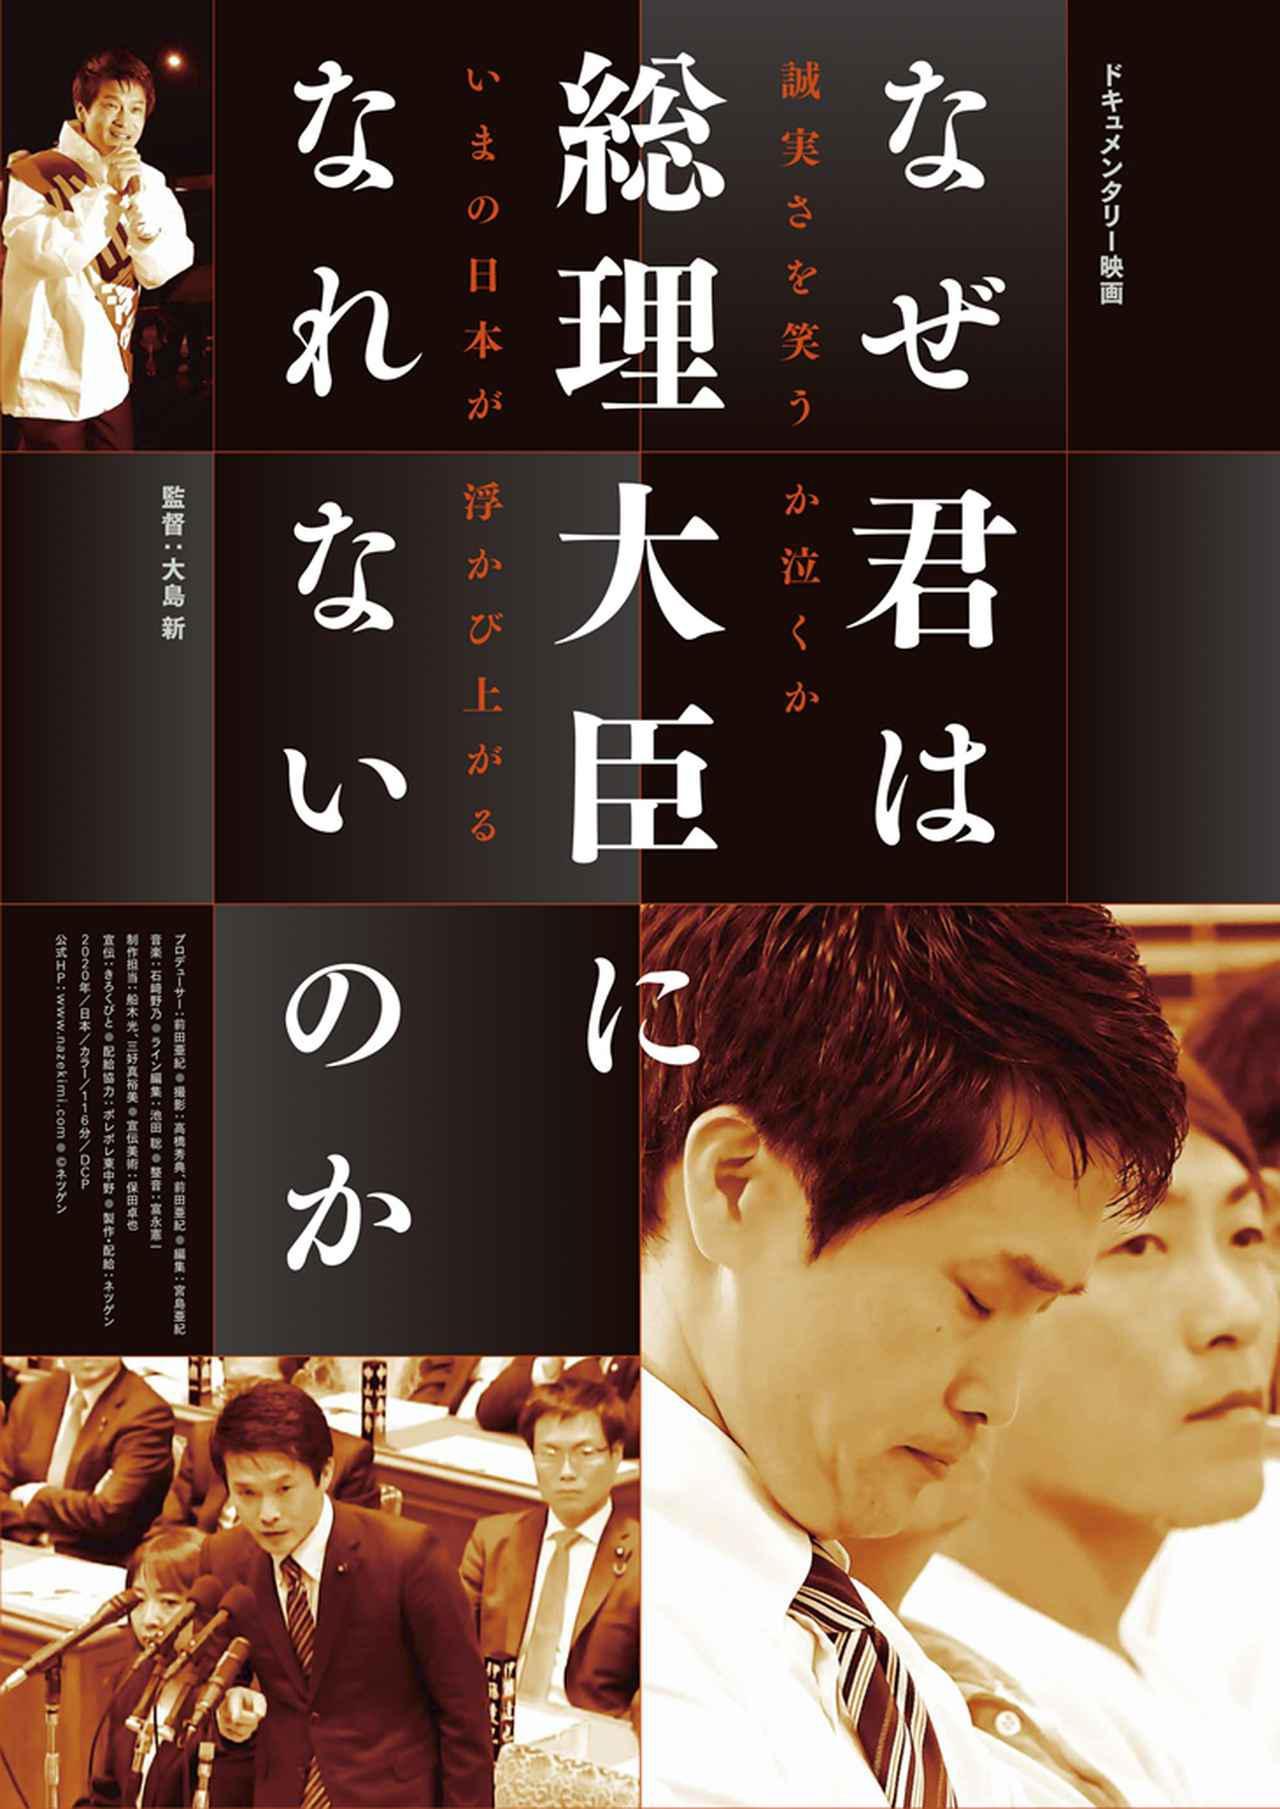 画像: 公開3日間は都内公開劇場全回満席!その後も満席が続くという今もっとも日本人が見るべき政治ドキュメンタリー『なぜ君は総理大臣になれないのか』